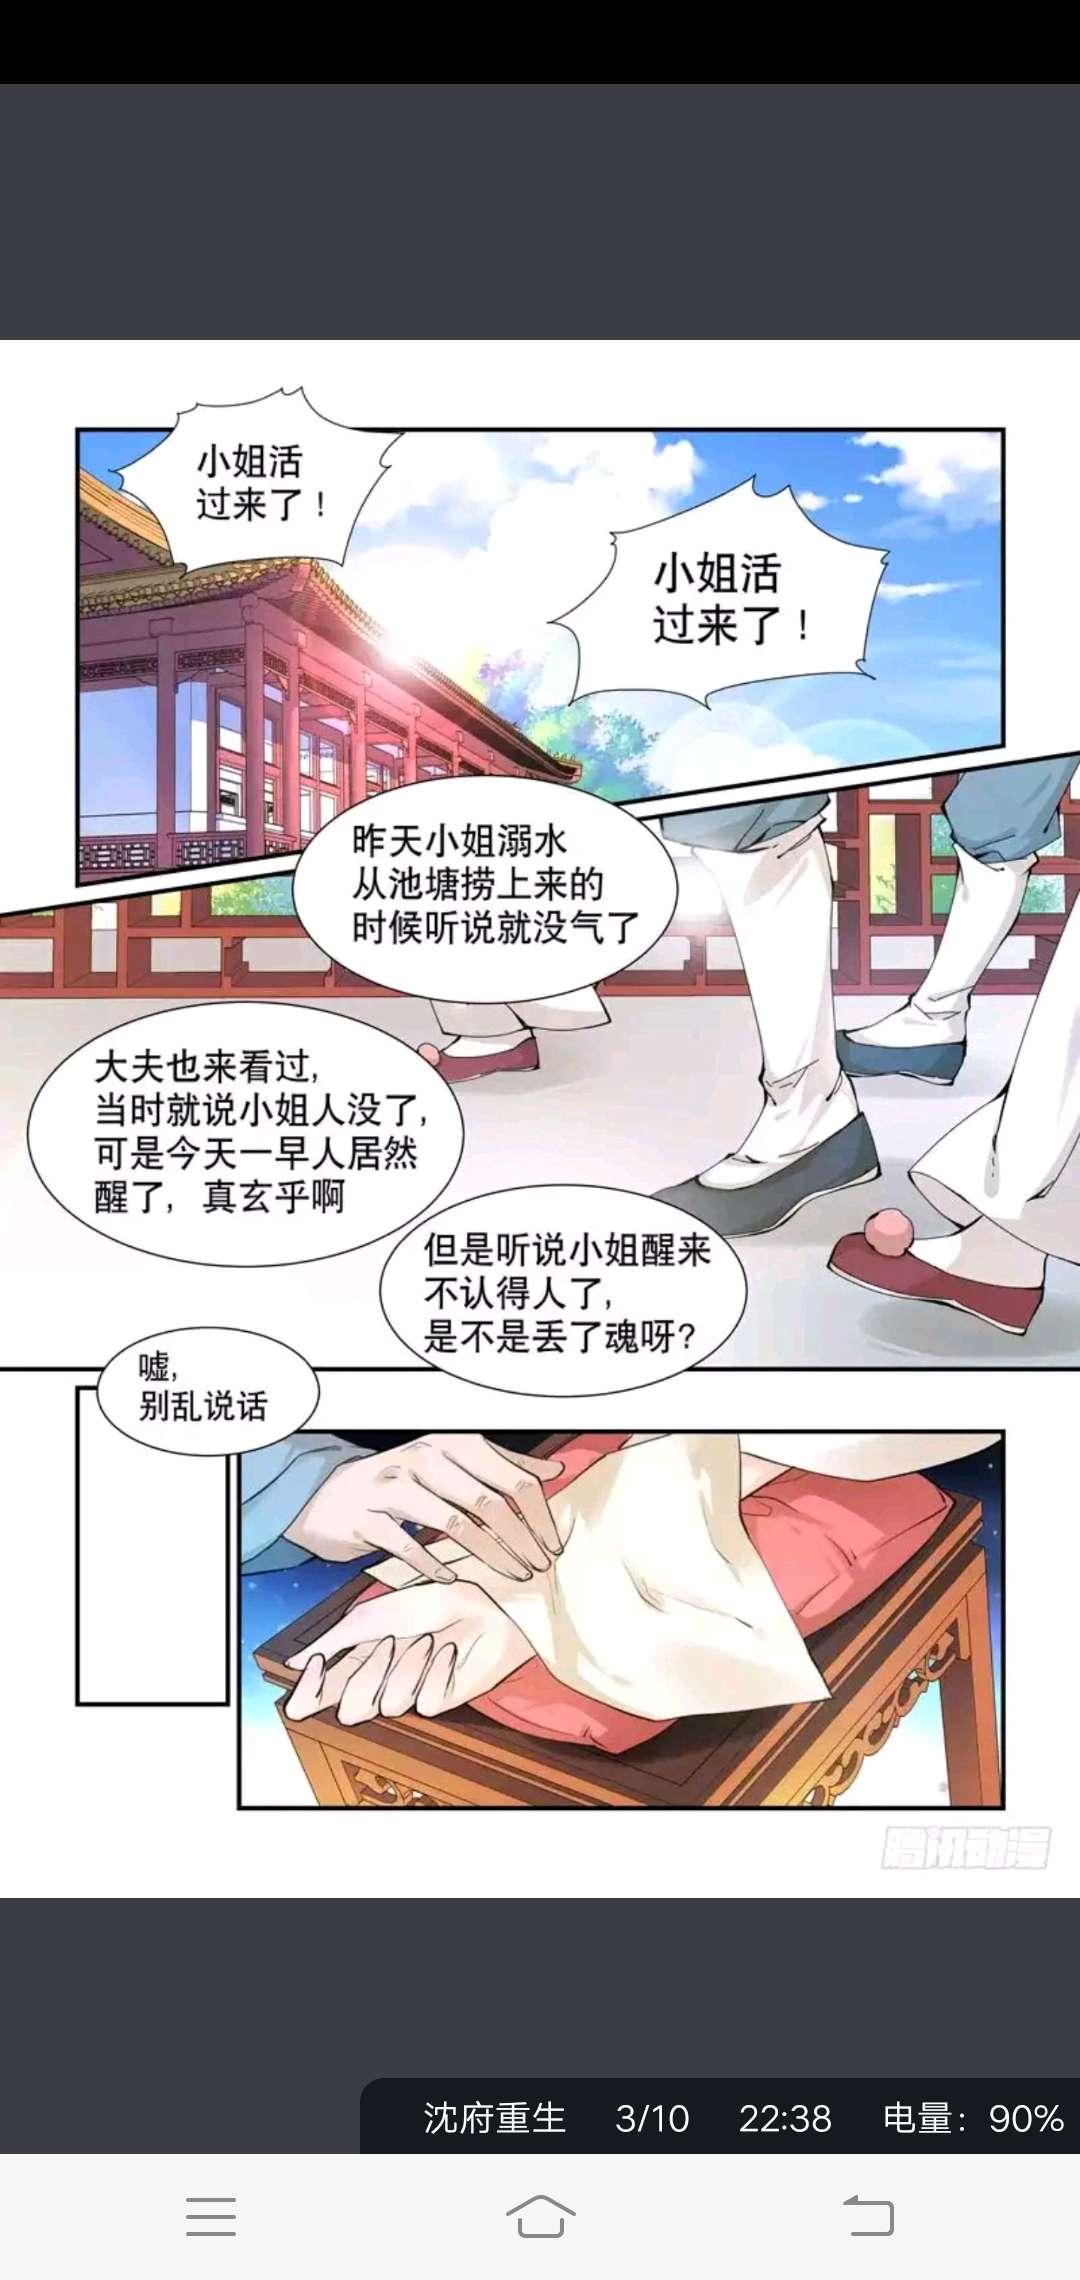 【漫画更新】无尽 重生,男主隐藏实力转学动漫爱奇艺